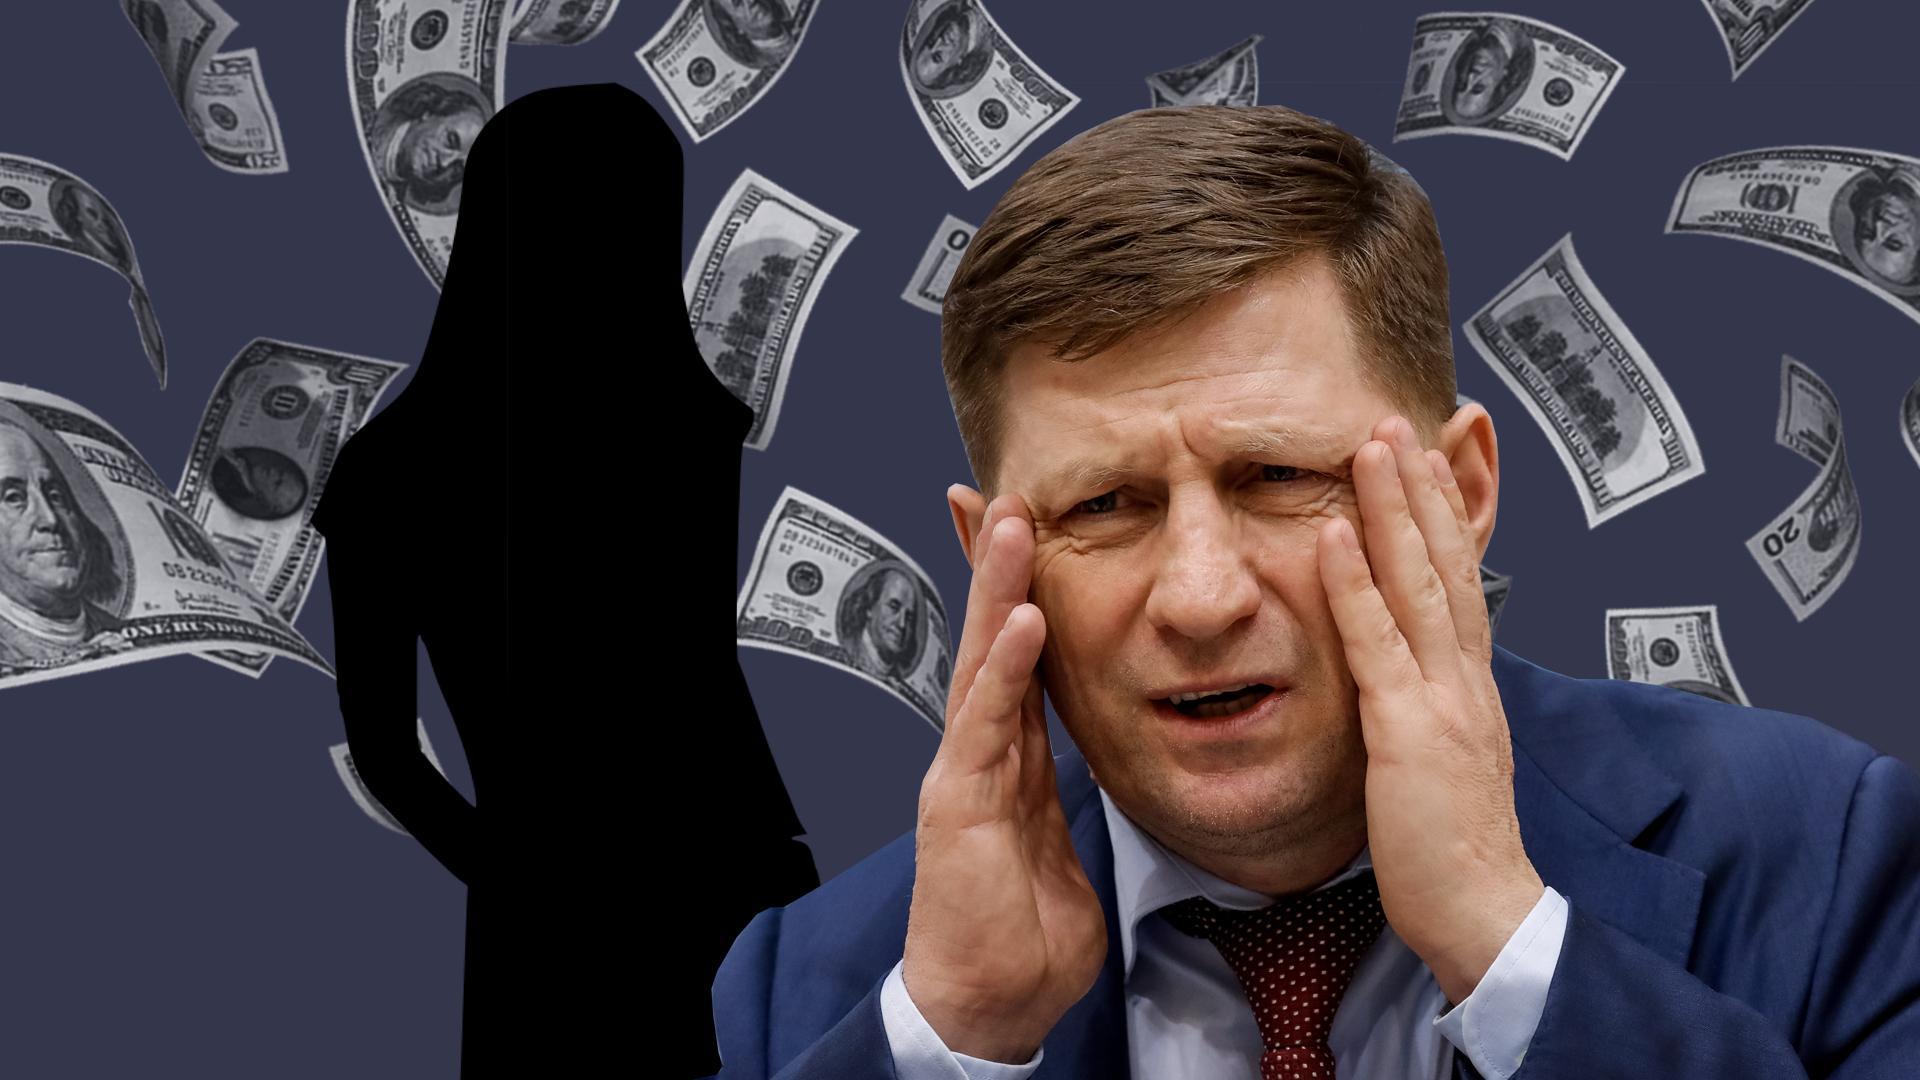 Главу Хабаровского края Сергея Фургала задержали за организацию серии убийств. Но у губернатора вторчермета есть и другие грехи